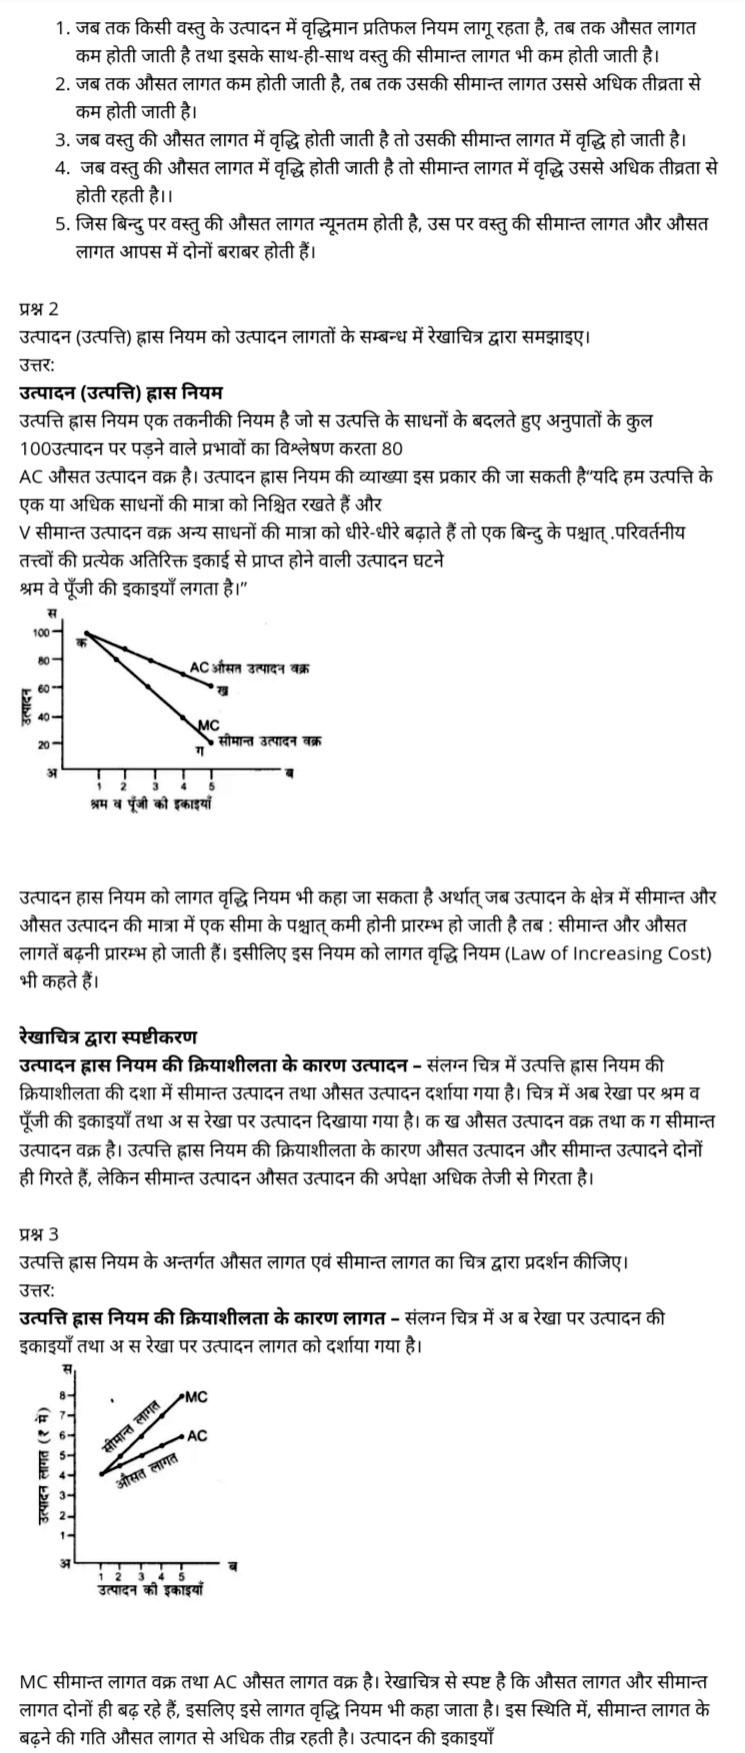 Class 12 Economics Chapter 4 Cost of Production (उत्पादन लागत) कक्षा 12 अर्थशास्त्र,  व्यष्टिअर्थशास्त्र कक्षा 12, कक्षा 12 अर्थशास्त्रके नोट्स,  12वींअर्थशास्त्रअध्याय 4, अर्थशास्त्र कक्षा 12महत्वपूर्ण सवाल 2021, समष्टिअर्थशास्त्रBook,  सूक्ष्मअर्थशास्त्रPDF,  अर्थशास्त्रNCERT Solutions Class12,  अर्थशास्त्रविषय 12th,      12th economics book in hindi, 12th economics notes in hindi, cbse books for class 1, cbse books in hindi, cbse ncert books, class 11 economics notes in hindi, class 12 economics notes in hindi, class 12 hindi ncert solutions, economics book class 12, economics book in hindi, economics class 12 in hindi, economics notes for class 12 up board in hindi,  ncert all books, ncert app in hindi, ncert book solution,  ncert books class 10, ncert books class 12, ncert books for class 7,  ncert books for upsc in hindi, ncert books in hindi class 10,  ncert books in hindi for class 12 economics, ncert books in hindi for class 6, ncert books in hindi pdf, ncert class 12 hindi book, ncert economics book in hindi, ncert economics books in hindi pdf, ncert economics class 12, ncert english book, ncert in hindi, ncert notes for class 12 physics in hindi, old ncert books in hindi, online ncert books in hindi,   up board 12th, up board 12th syllabus, up board class 10 hindi book,  up board class 12 books, up board class 12 new syllabus, , up board intermediate economics syllabus, up board intermediate syllabus 2021, Up board Master 2021, up board model paper 2021, up board model paper all subject, up board new syllabus of class 12th economics, up board paper 2021, up board syllabus 2022,up board syllabus 2021 ,  up Board economics 2020, up Board economics 2021, up Board economics 2022, up Board economics 2023, economics 2020, economics 2021, economics 2022,  12 वीं अर्थशास्त्र की किताब हिंदी में, 12 वीं की अर्थशास्त्र की नोट्स हिंदी में, कक्षा 1 की सीबीएसई की किताबें, हिंदी की सीबीएसई की किताबें, सीबीएससी की एनसीआरटी की किताबें, कक्षा 11 की अर्थशास्त्र की नोट्स हिं